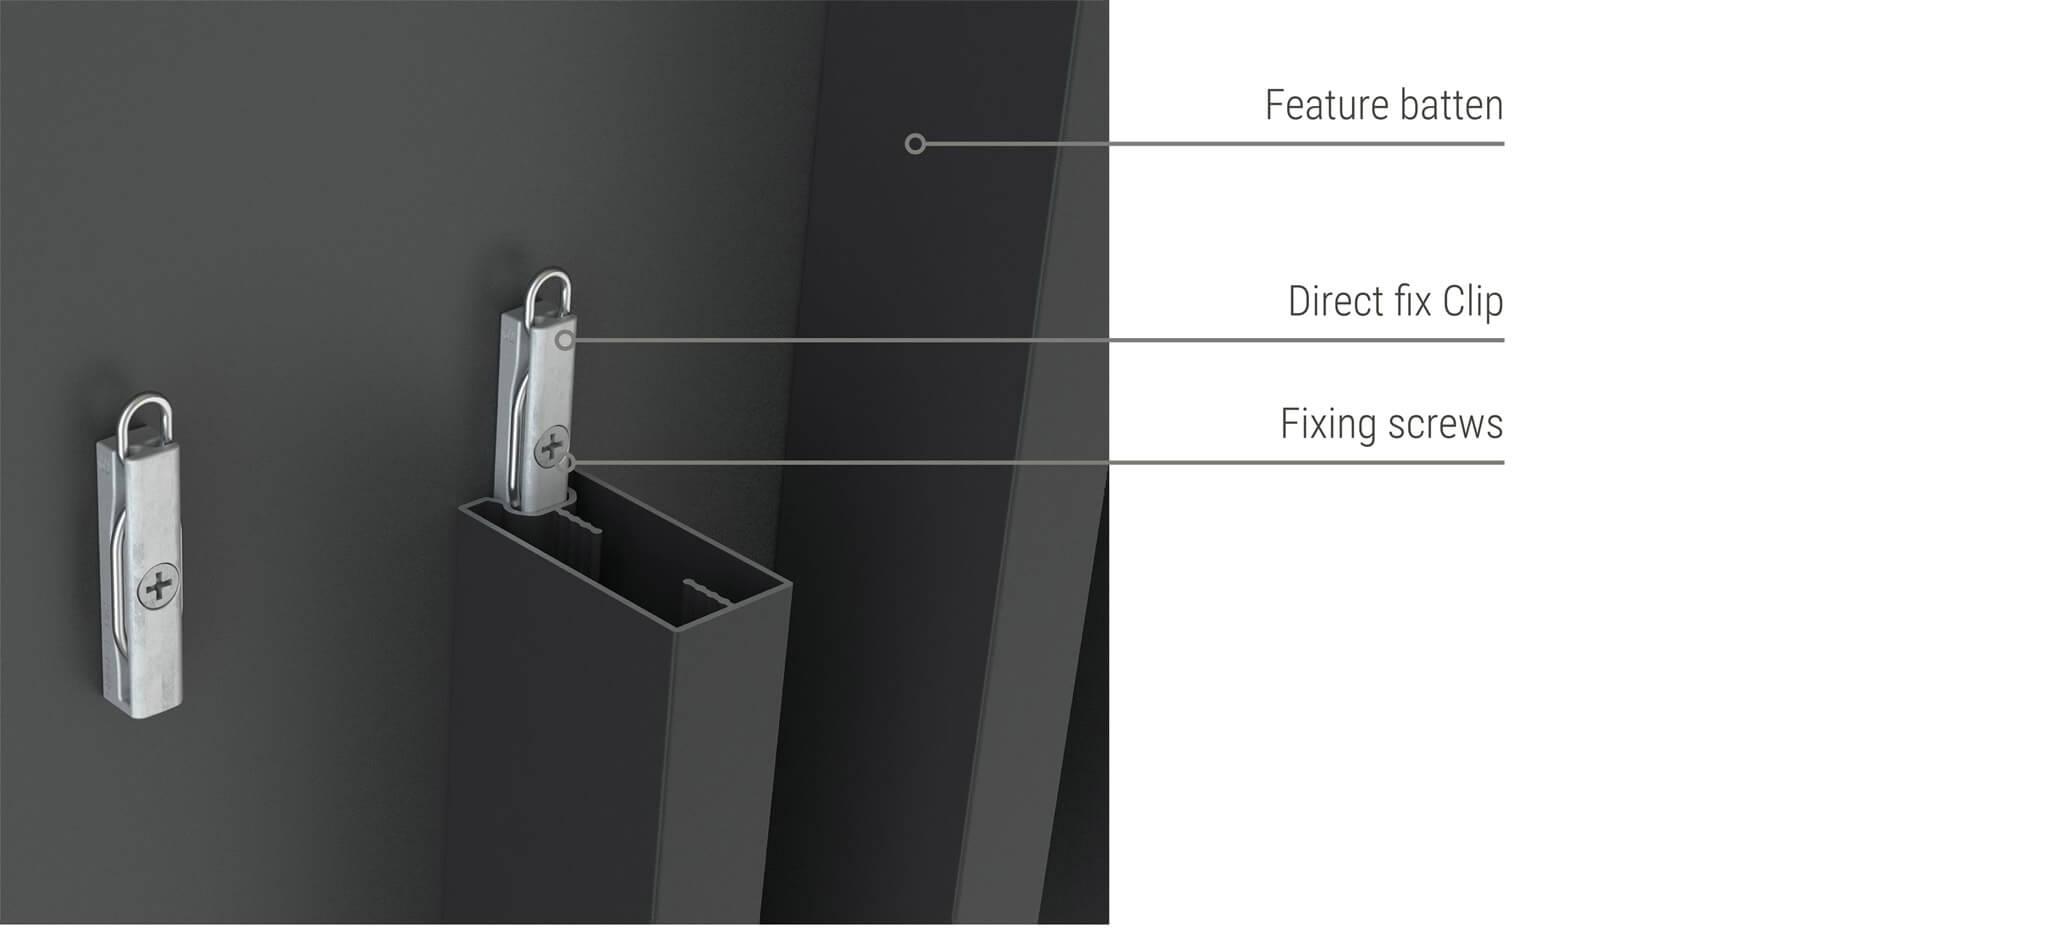 Sculptform-click-on-battens-alu-direct-fix-clip